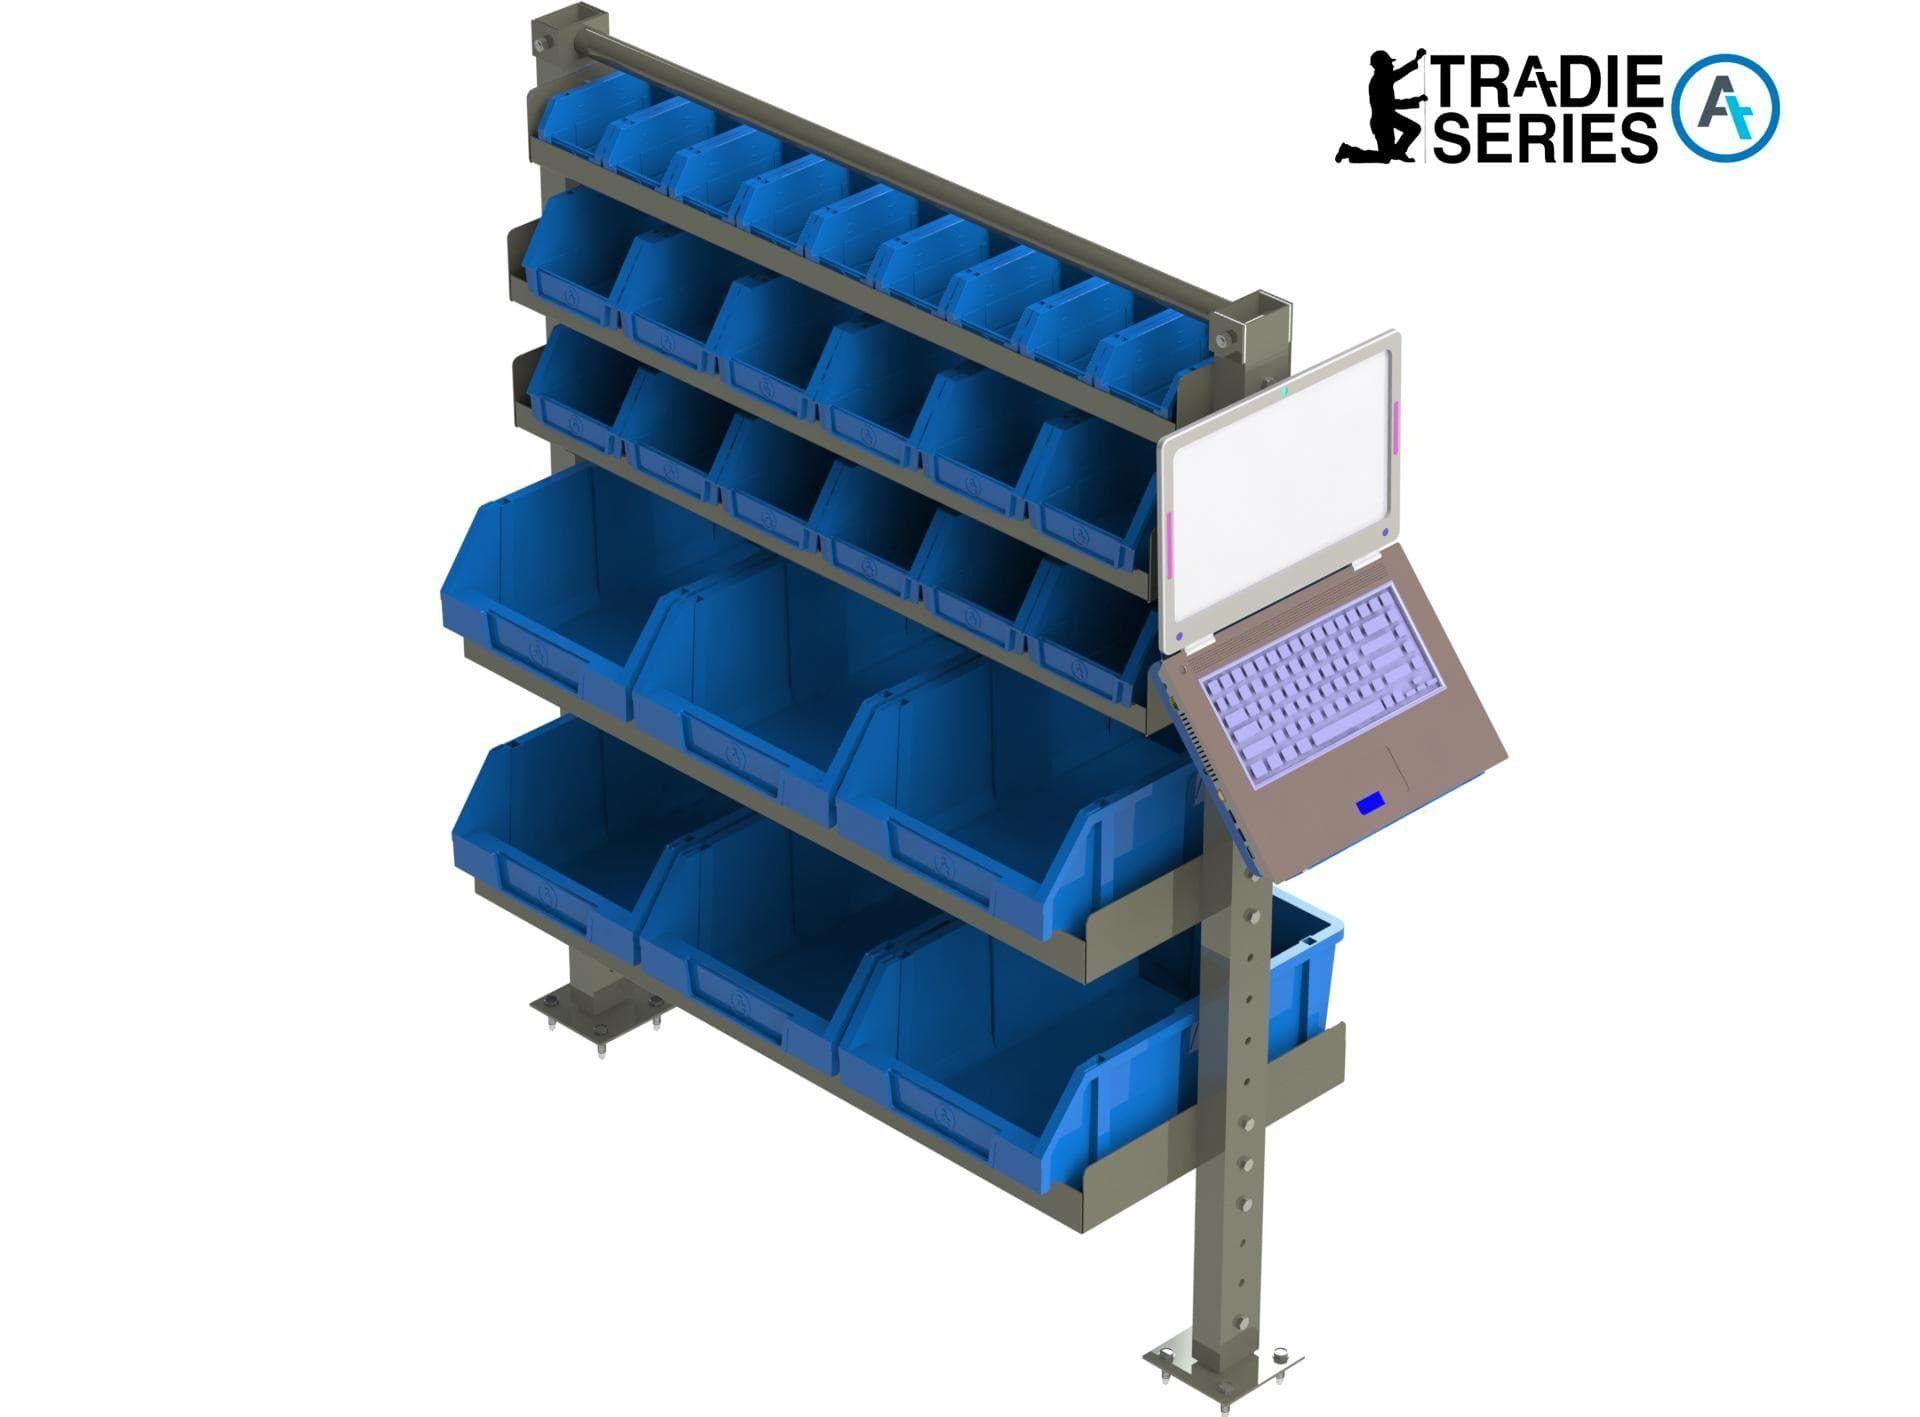 Trade Shelving laptop mount